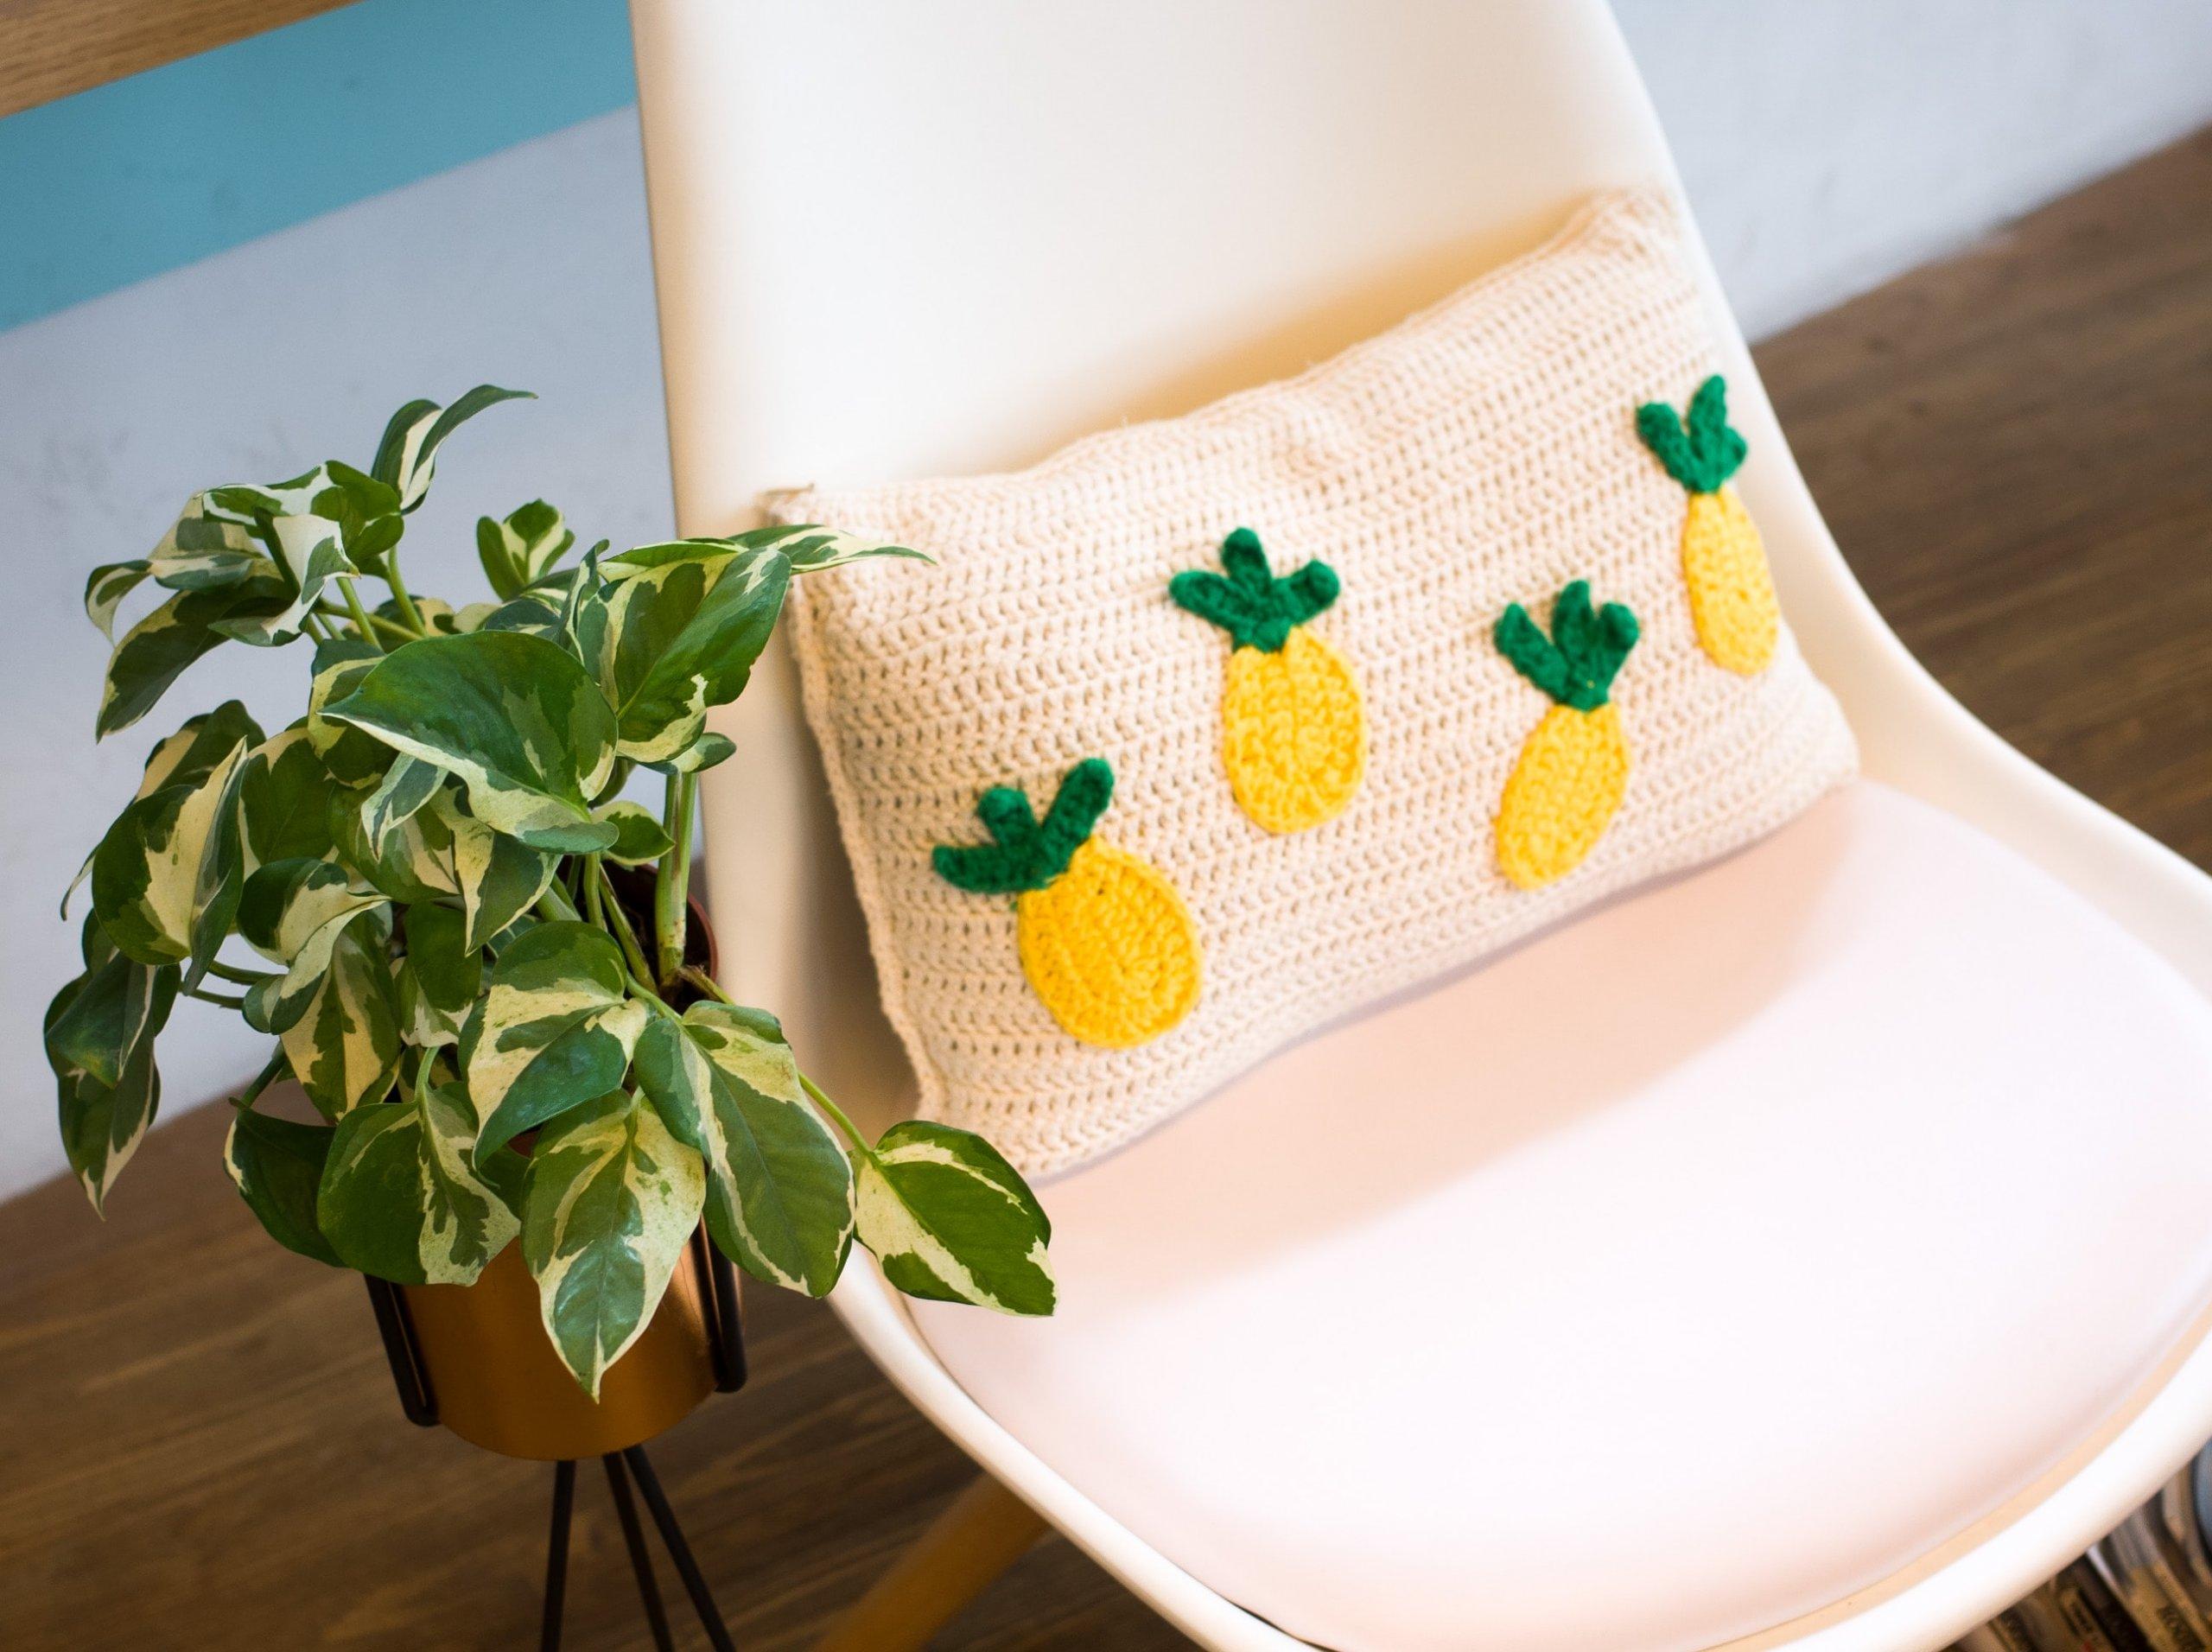 Týmto spôsobom sa dá uháčkovať aj originálny háčkovaný dekoračný vankúš napríklad aj do vašej kuchyne či obývačky.